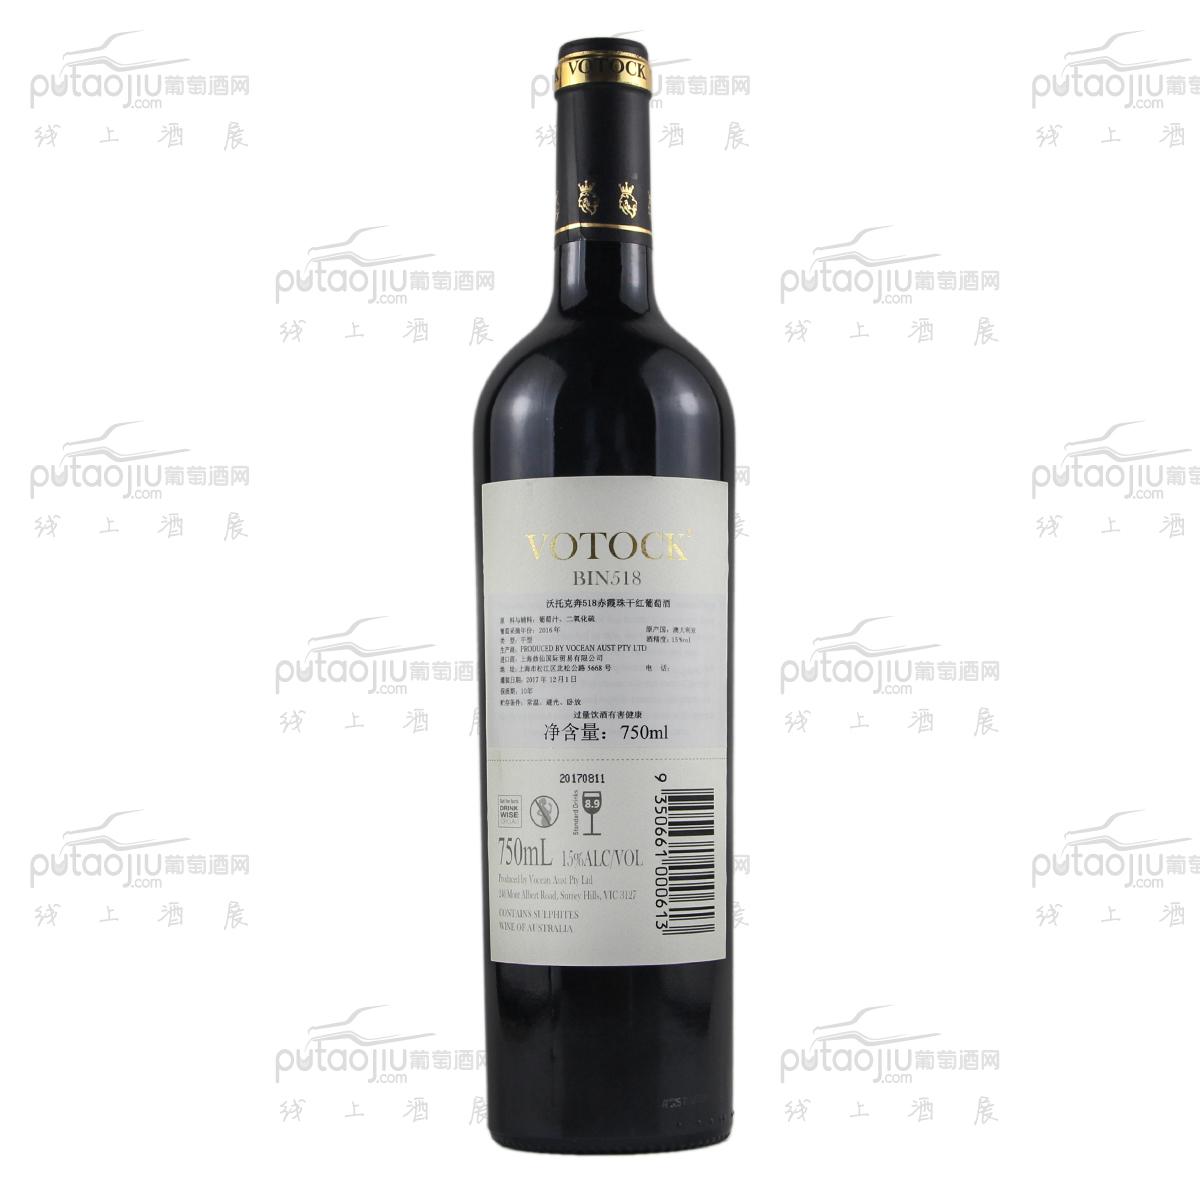 澳大利亚库纳瓦拉赤霞珠干红葡萄酒